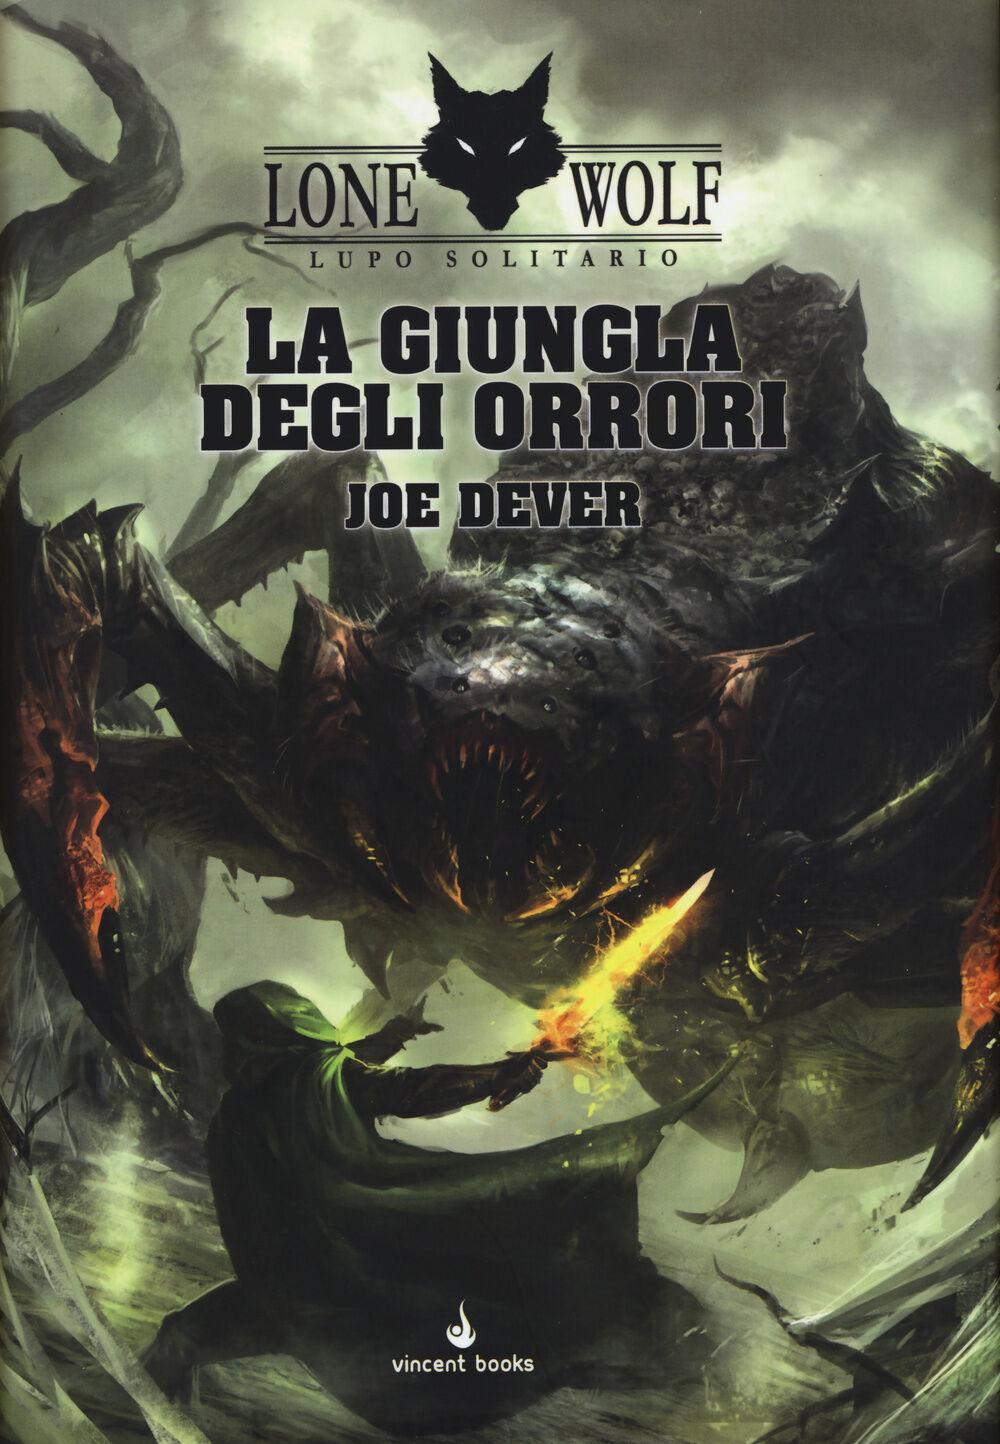 La giungla degli orrori. Lupo Solitario. Serie MagnaKai. Vol. 8